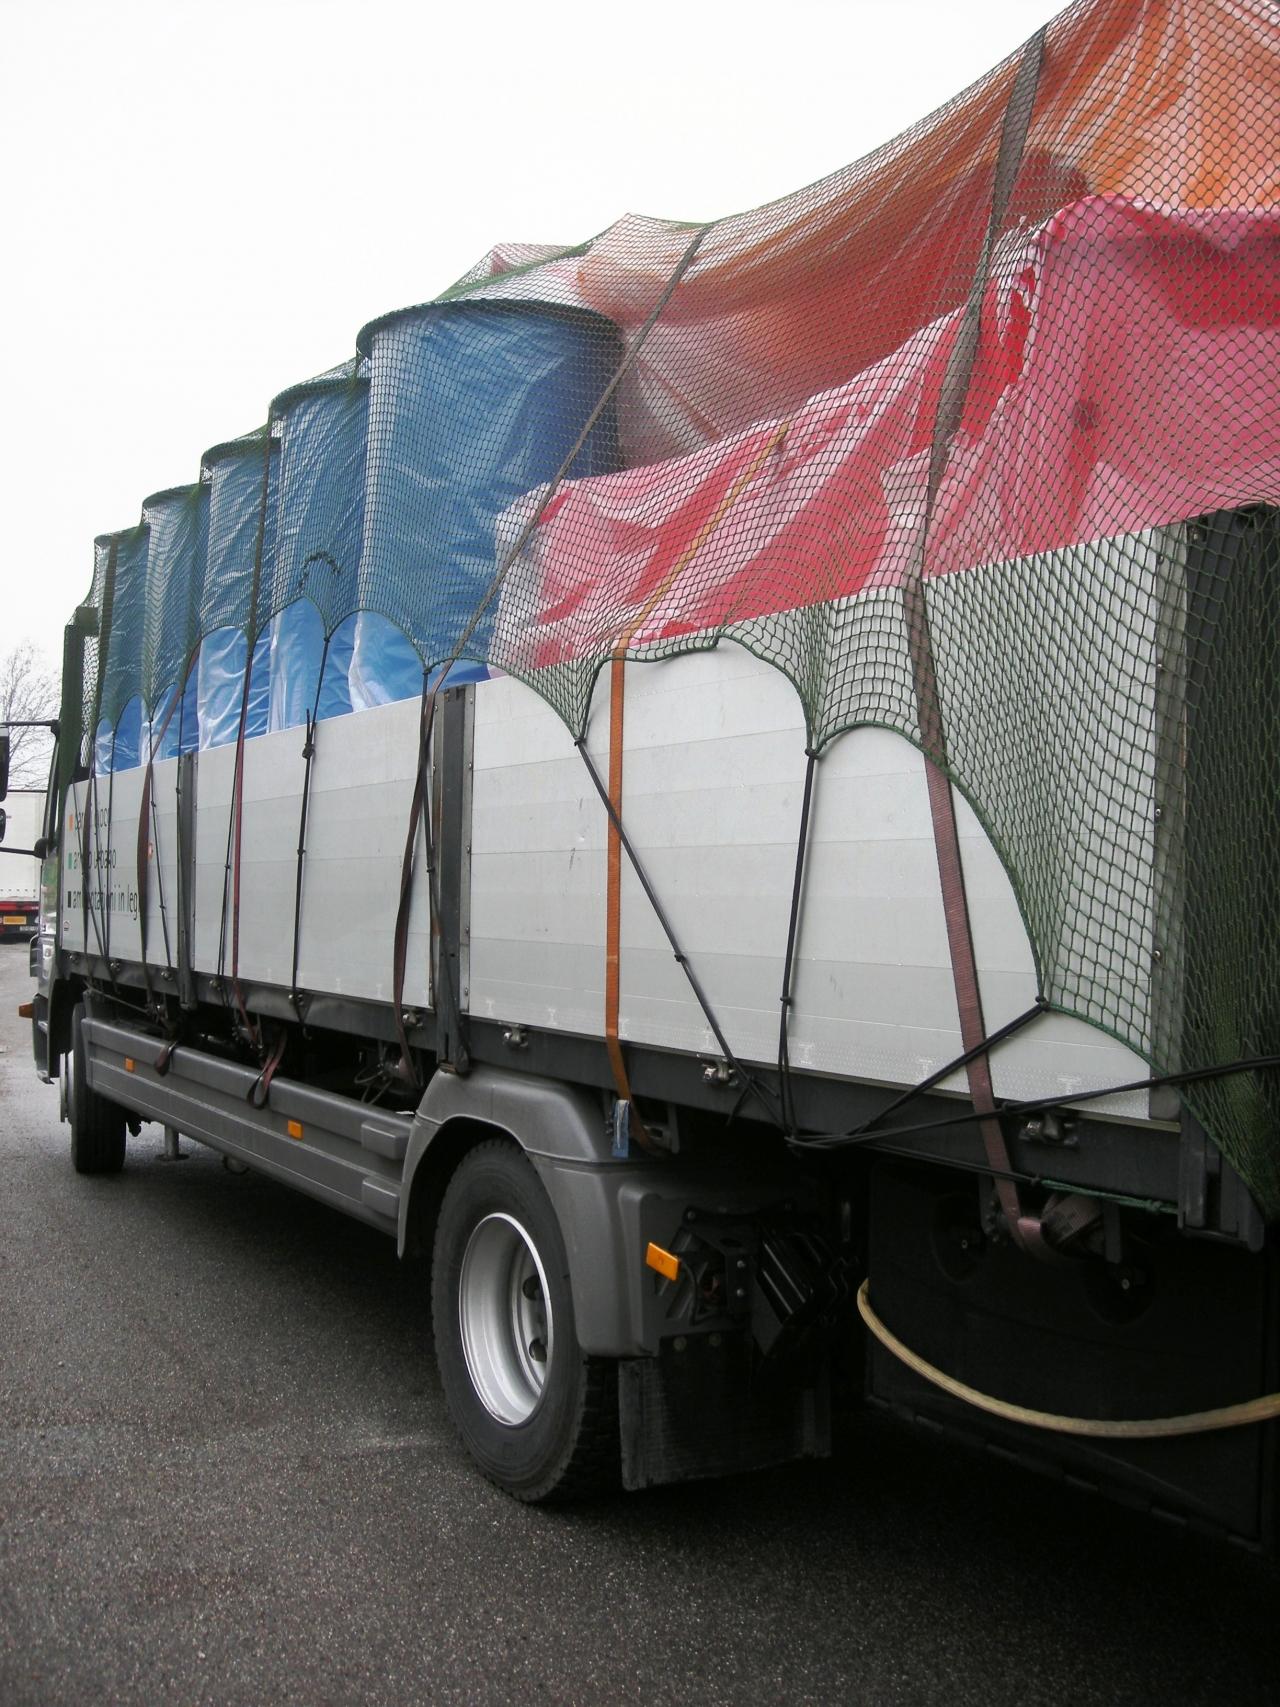 Reti copertura camion